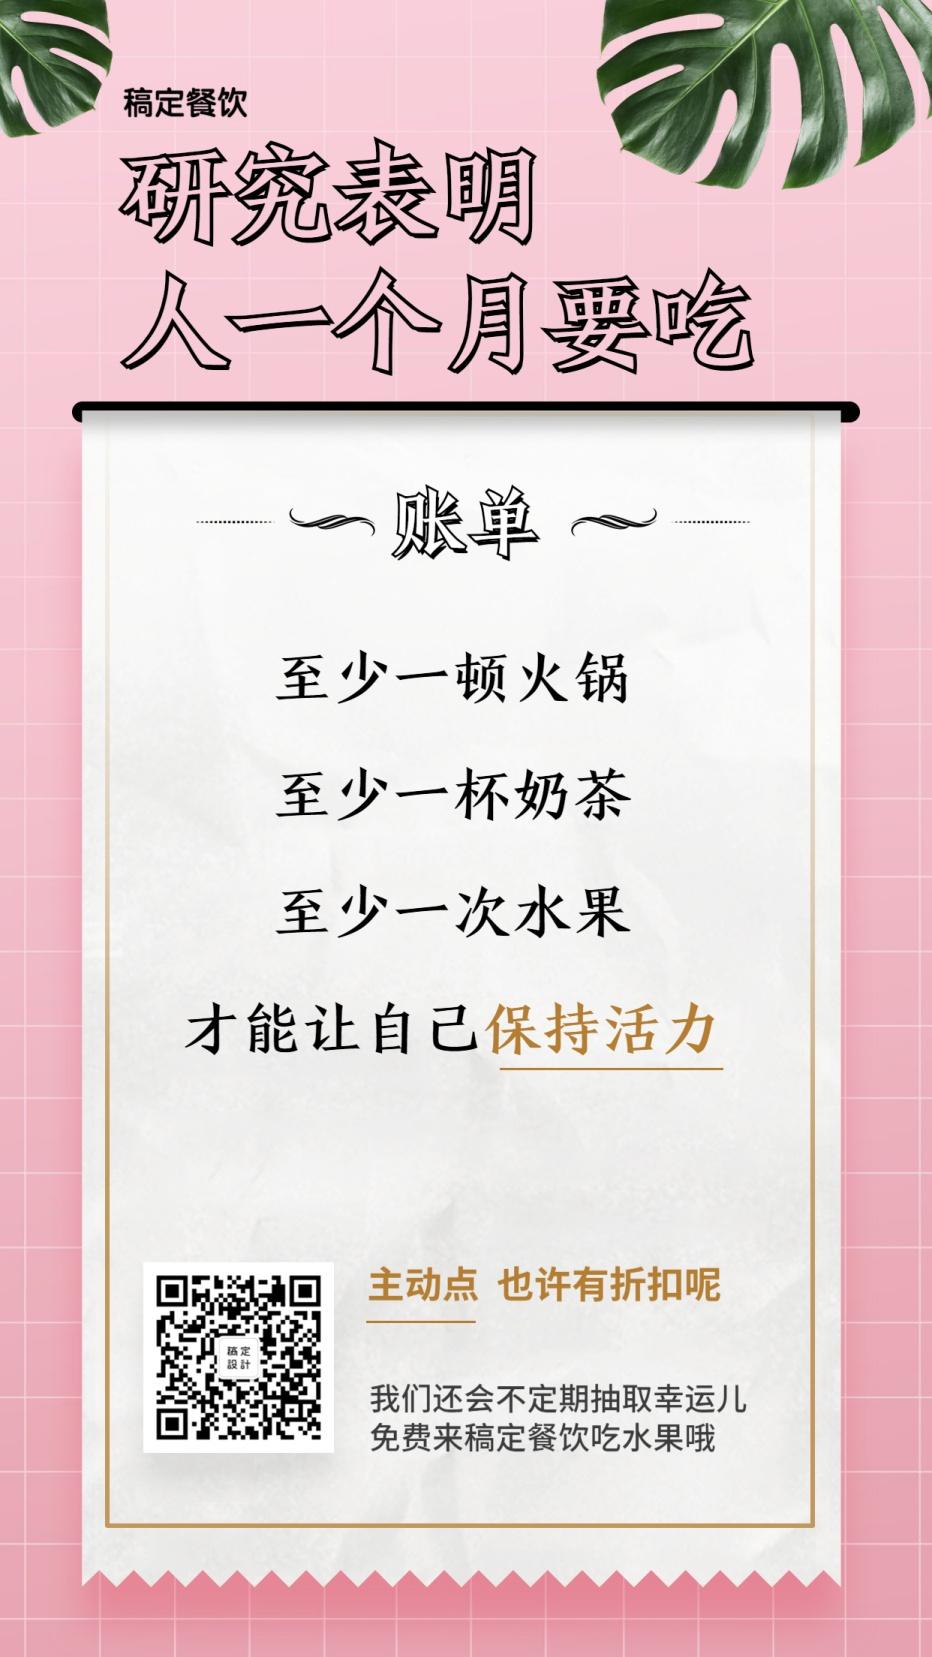 餐饮美食/问候推广/创意简约/手机海报